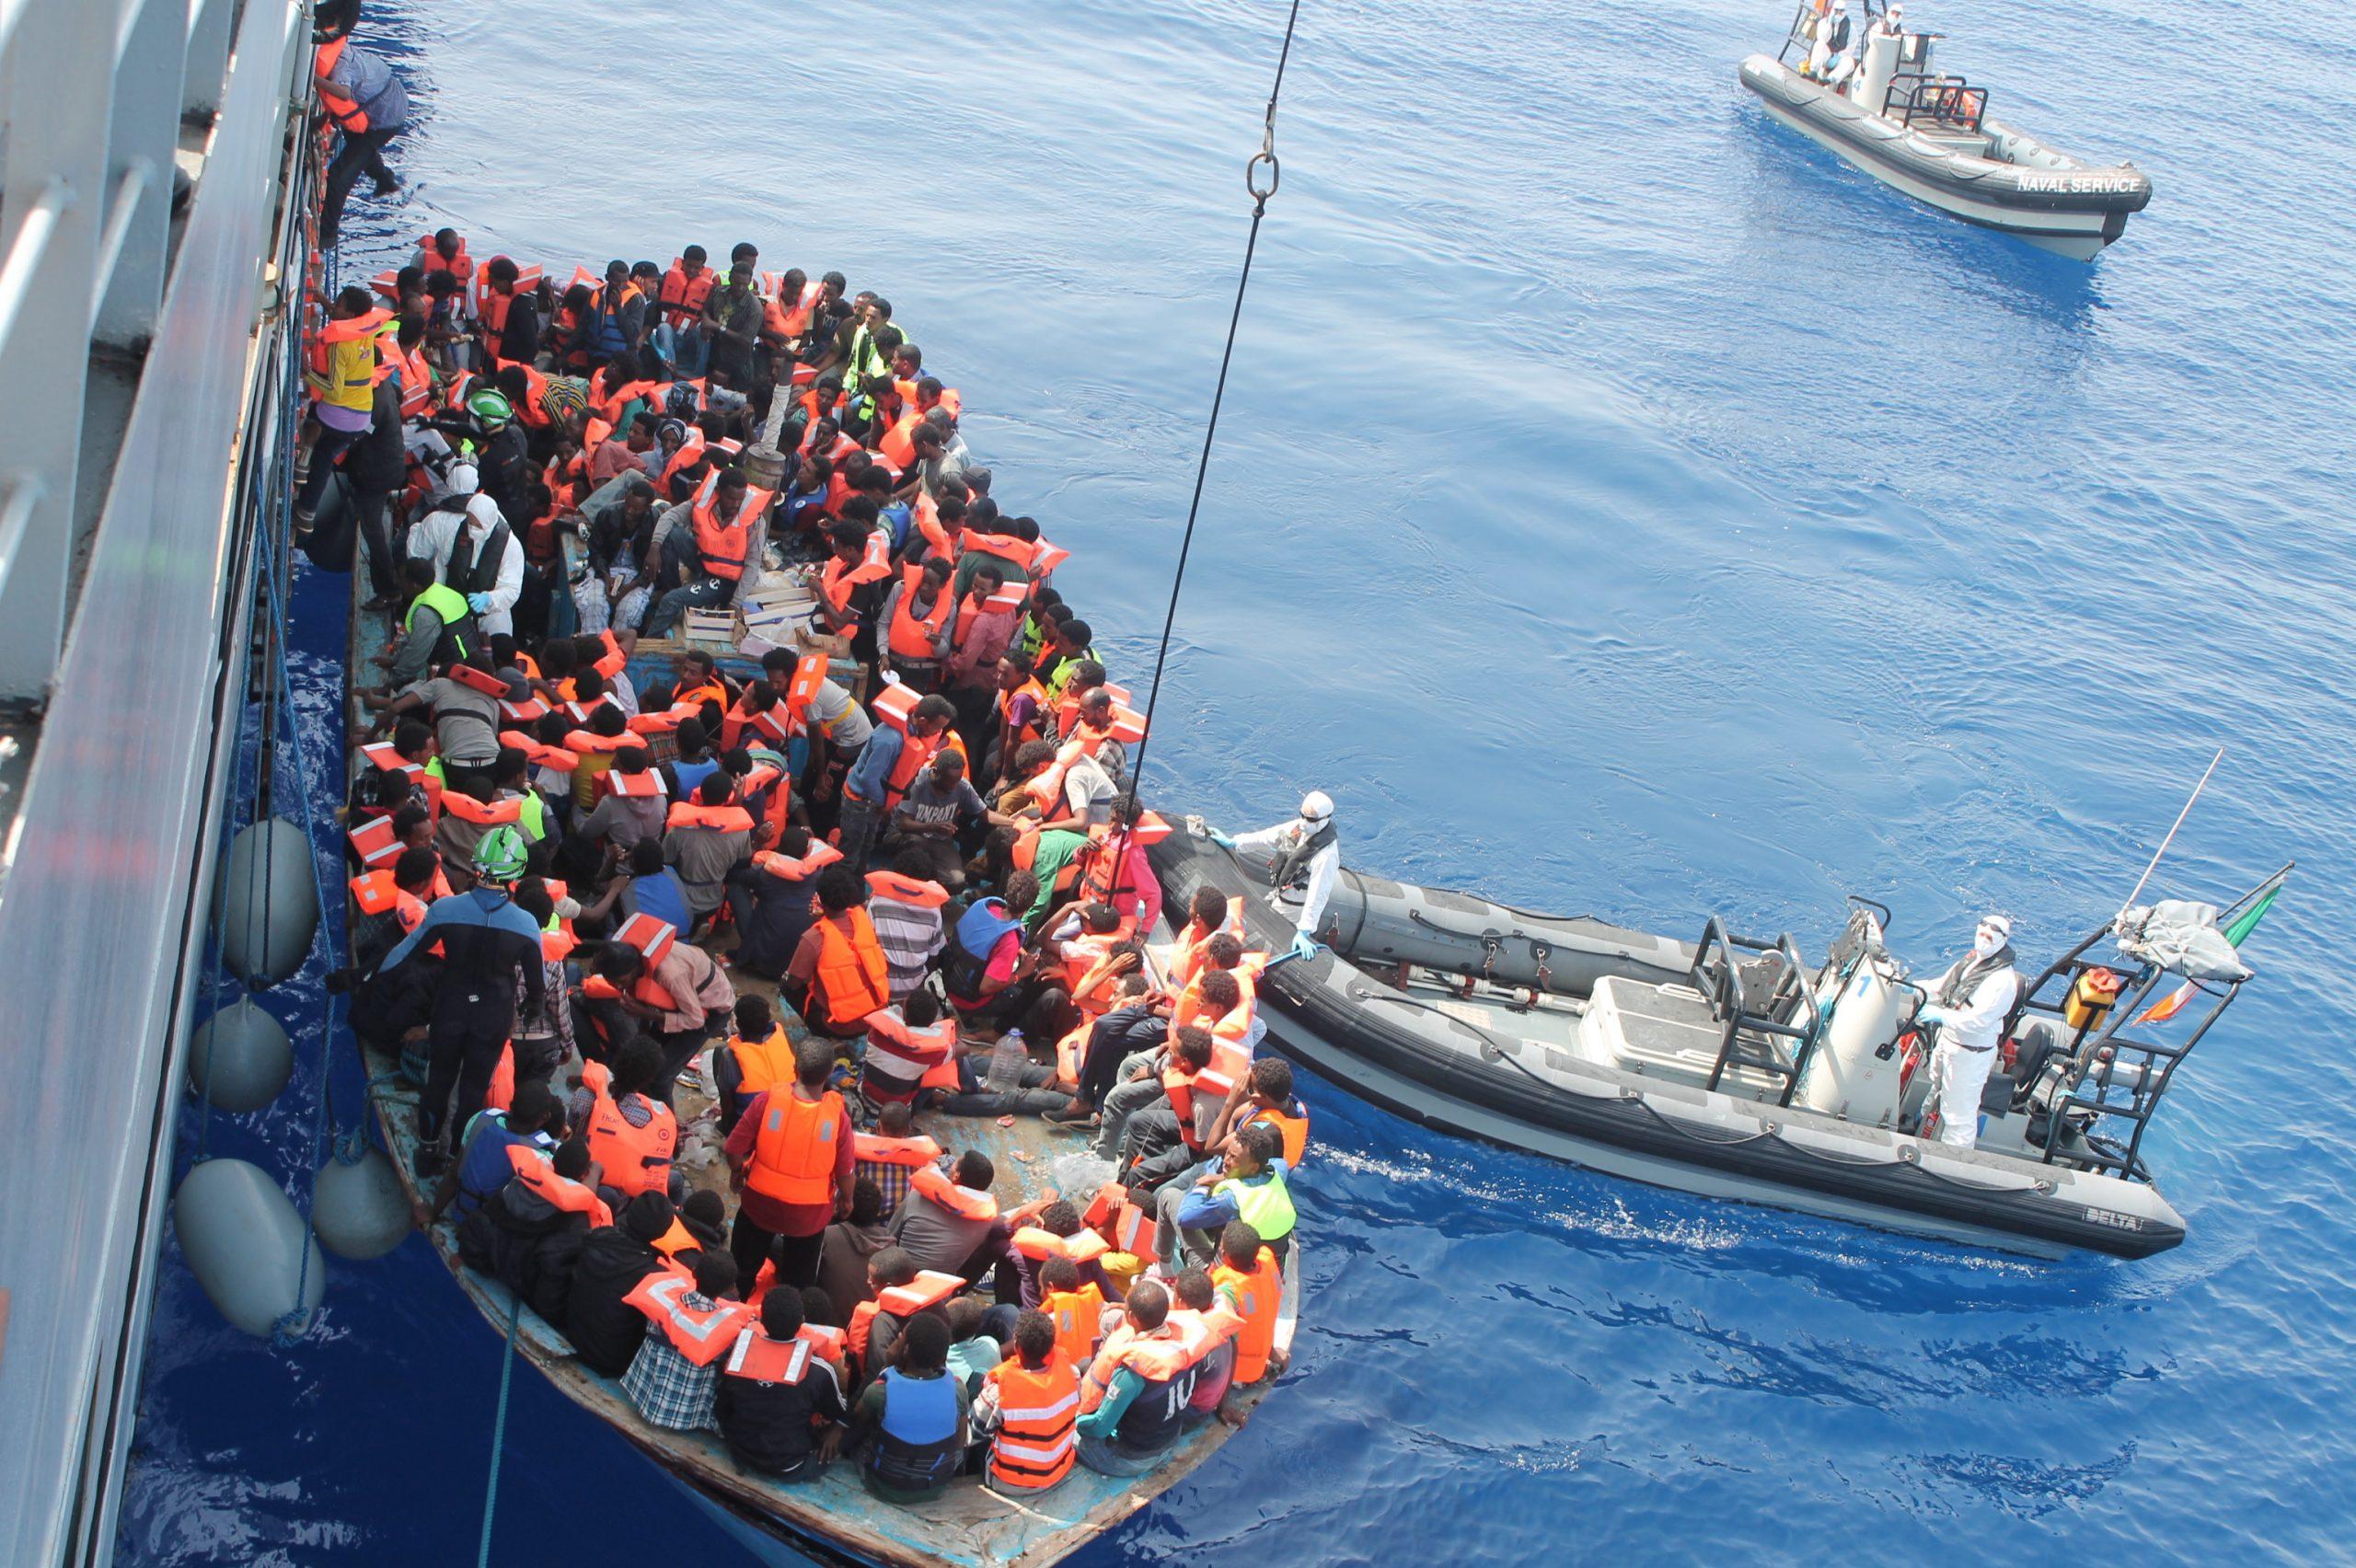 Acnur demanda mayor solidaridad de Unión Europea con migrantes Bruselas. Prensa Latina